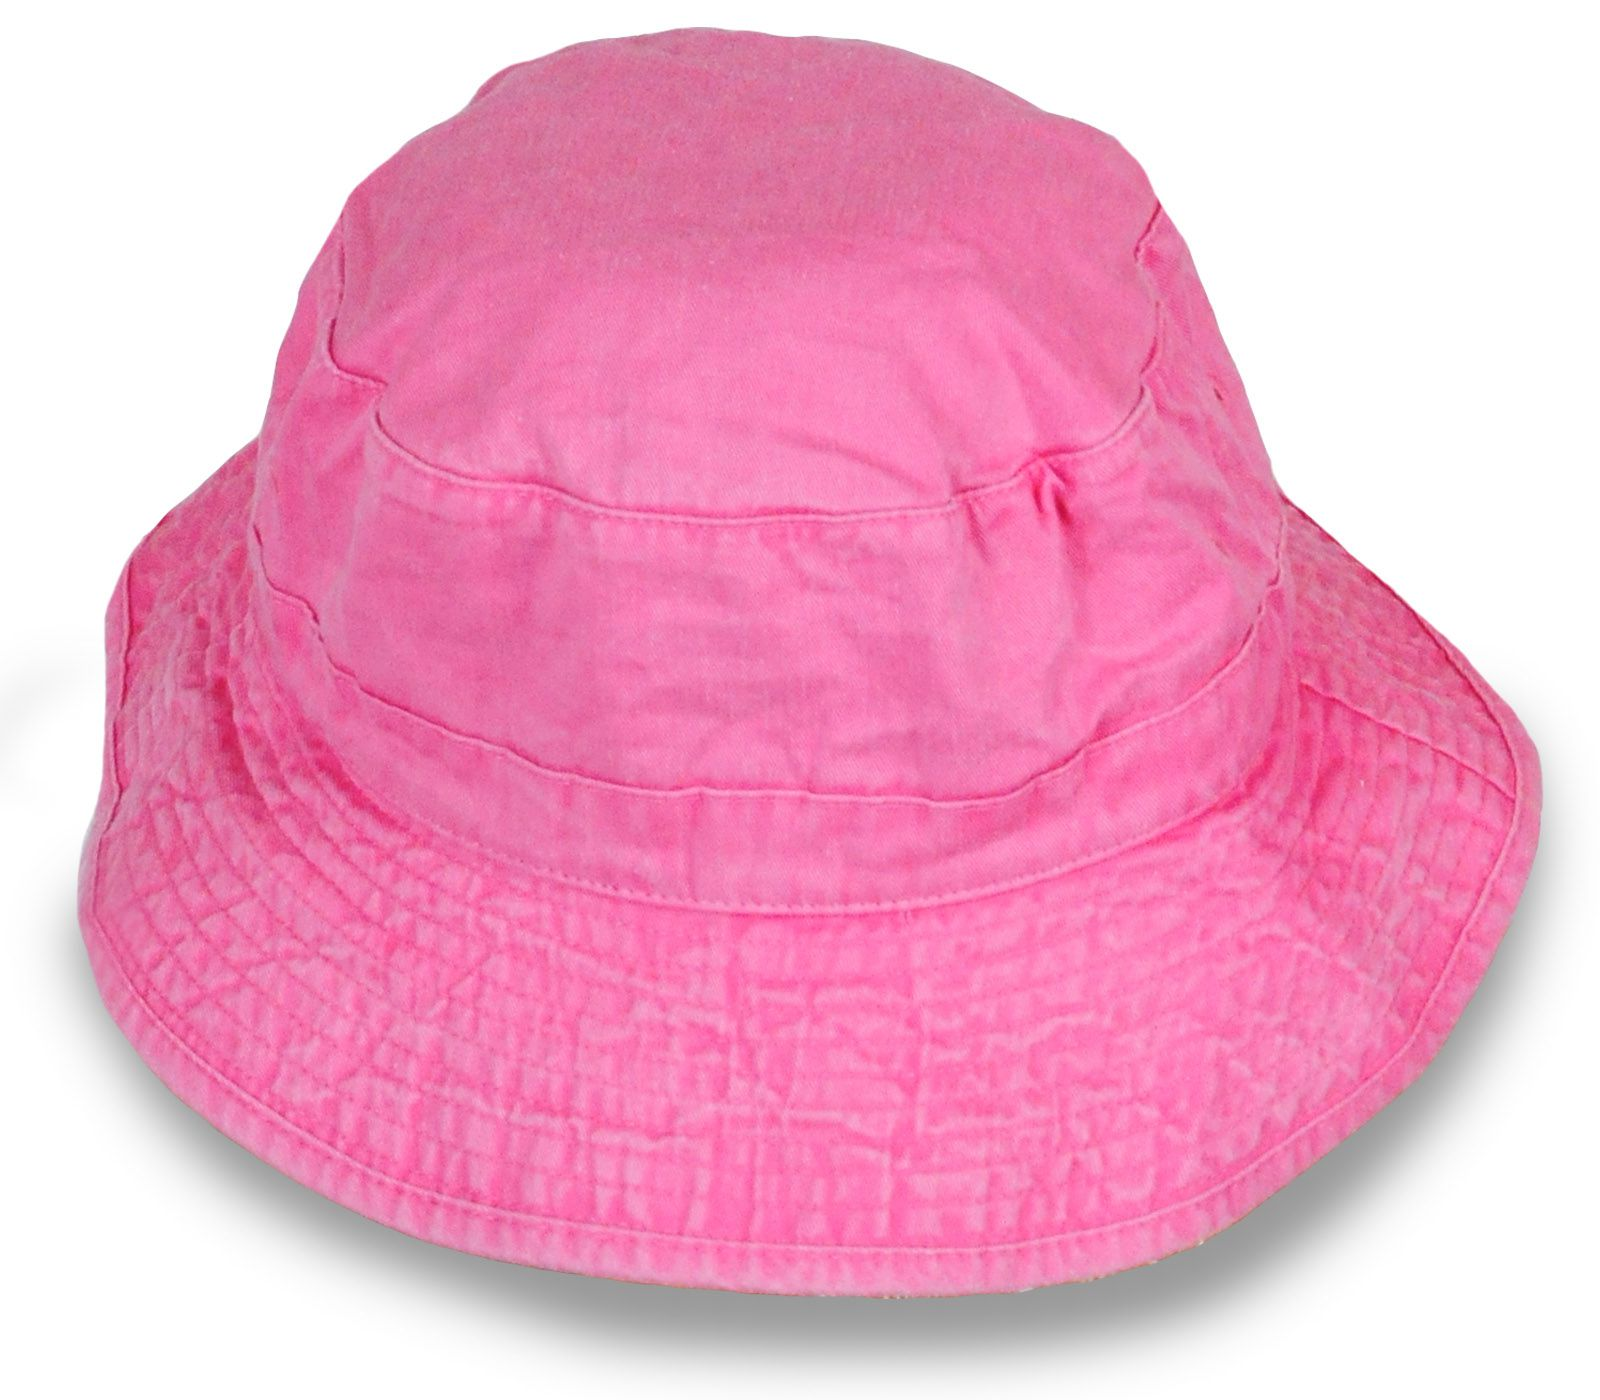 Купить джинсовую розовую панаму – модные женские шляпы